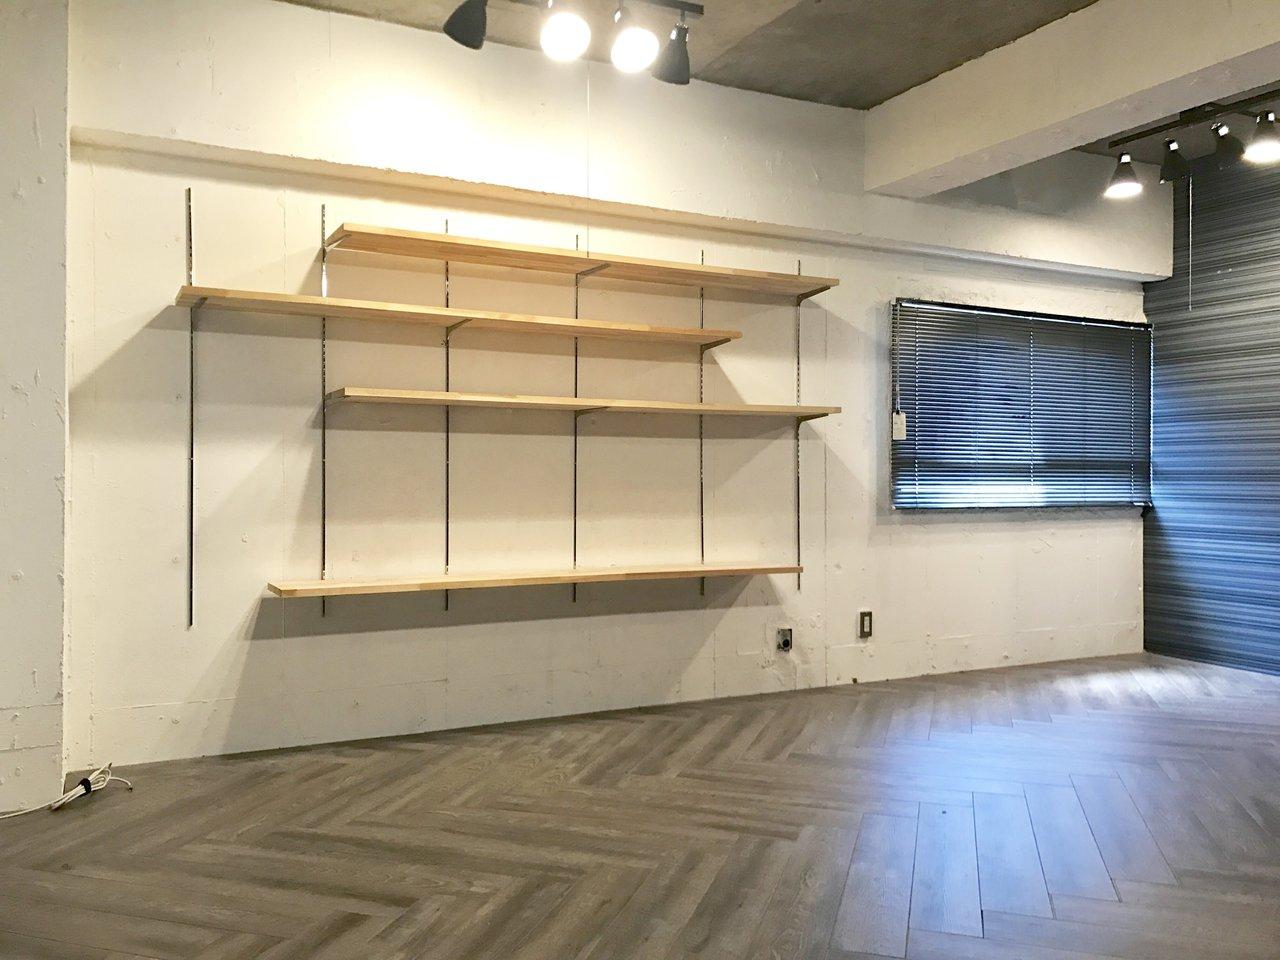 LDK側の「魅せる棚」はこちら。棚板の位置は自由に動かせますよ。